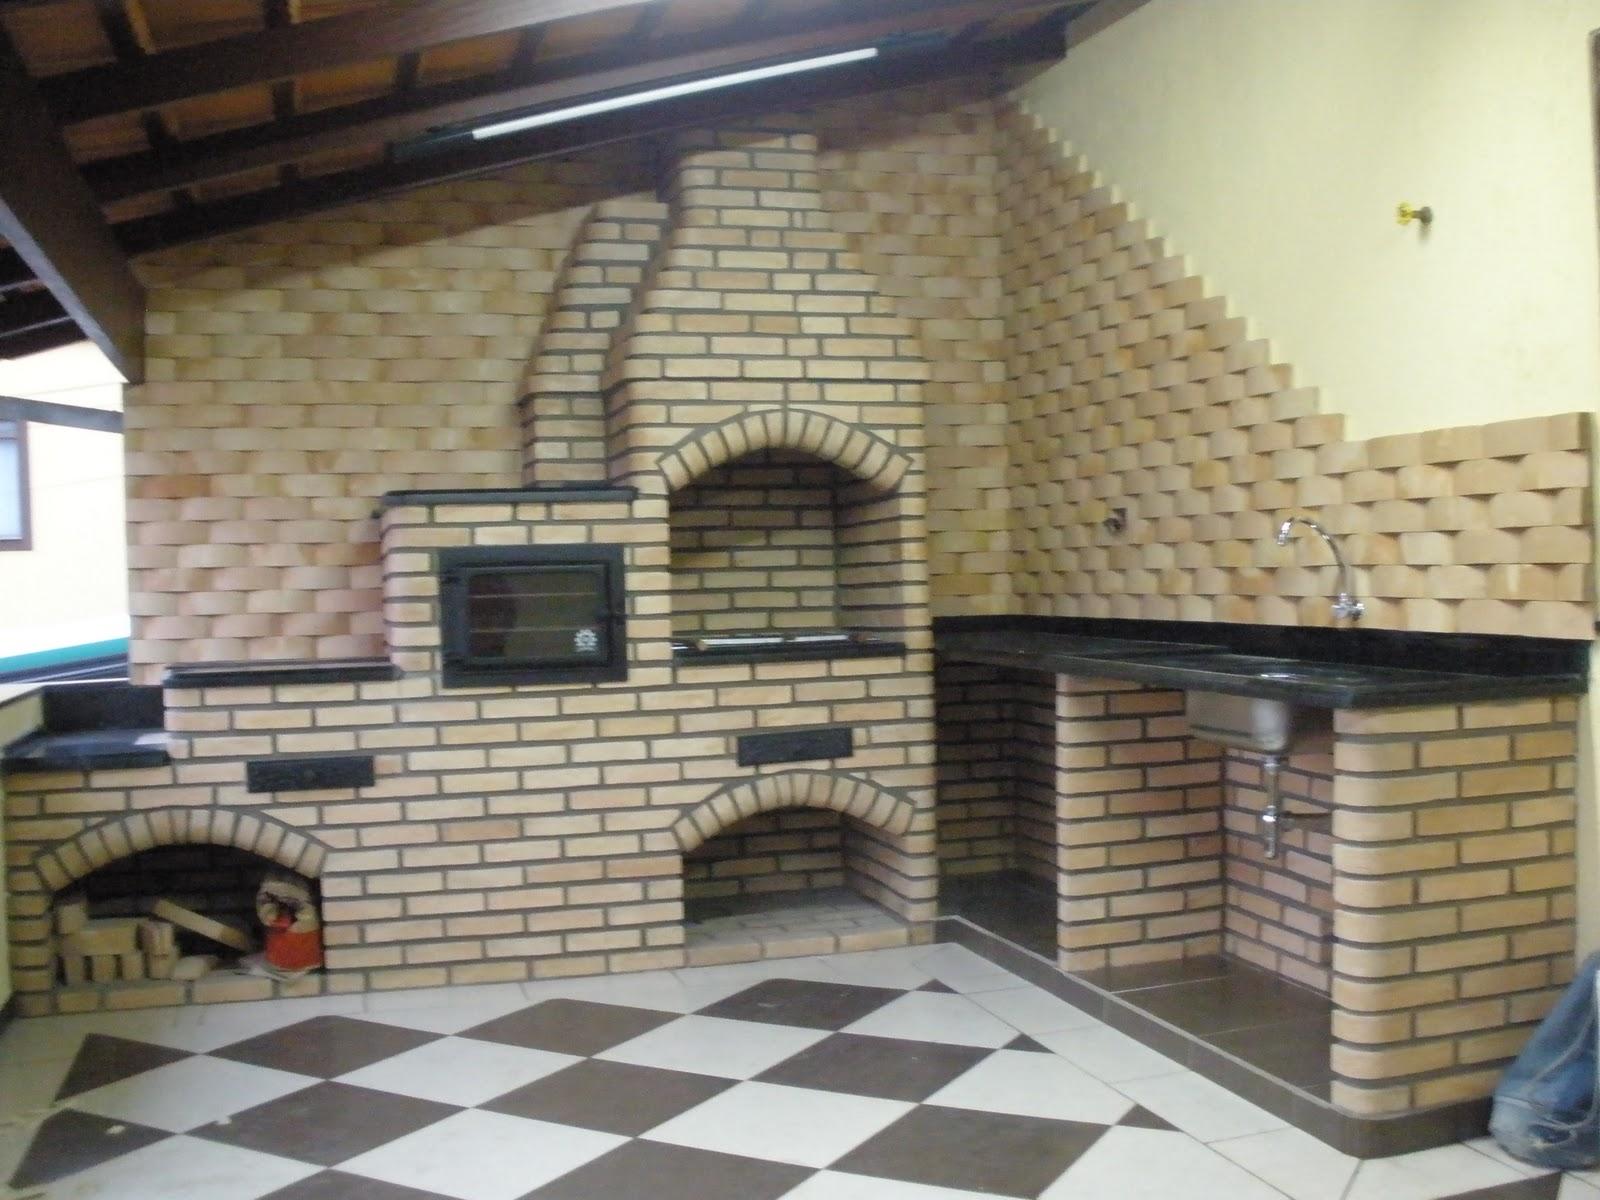 Projetos de churrasqueiras de tijolos Decorando Casas #7D734E 1600 1200